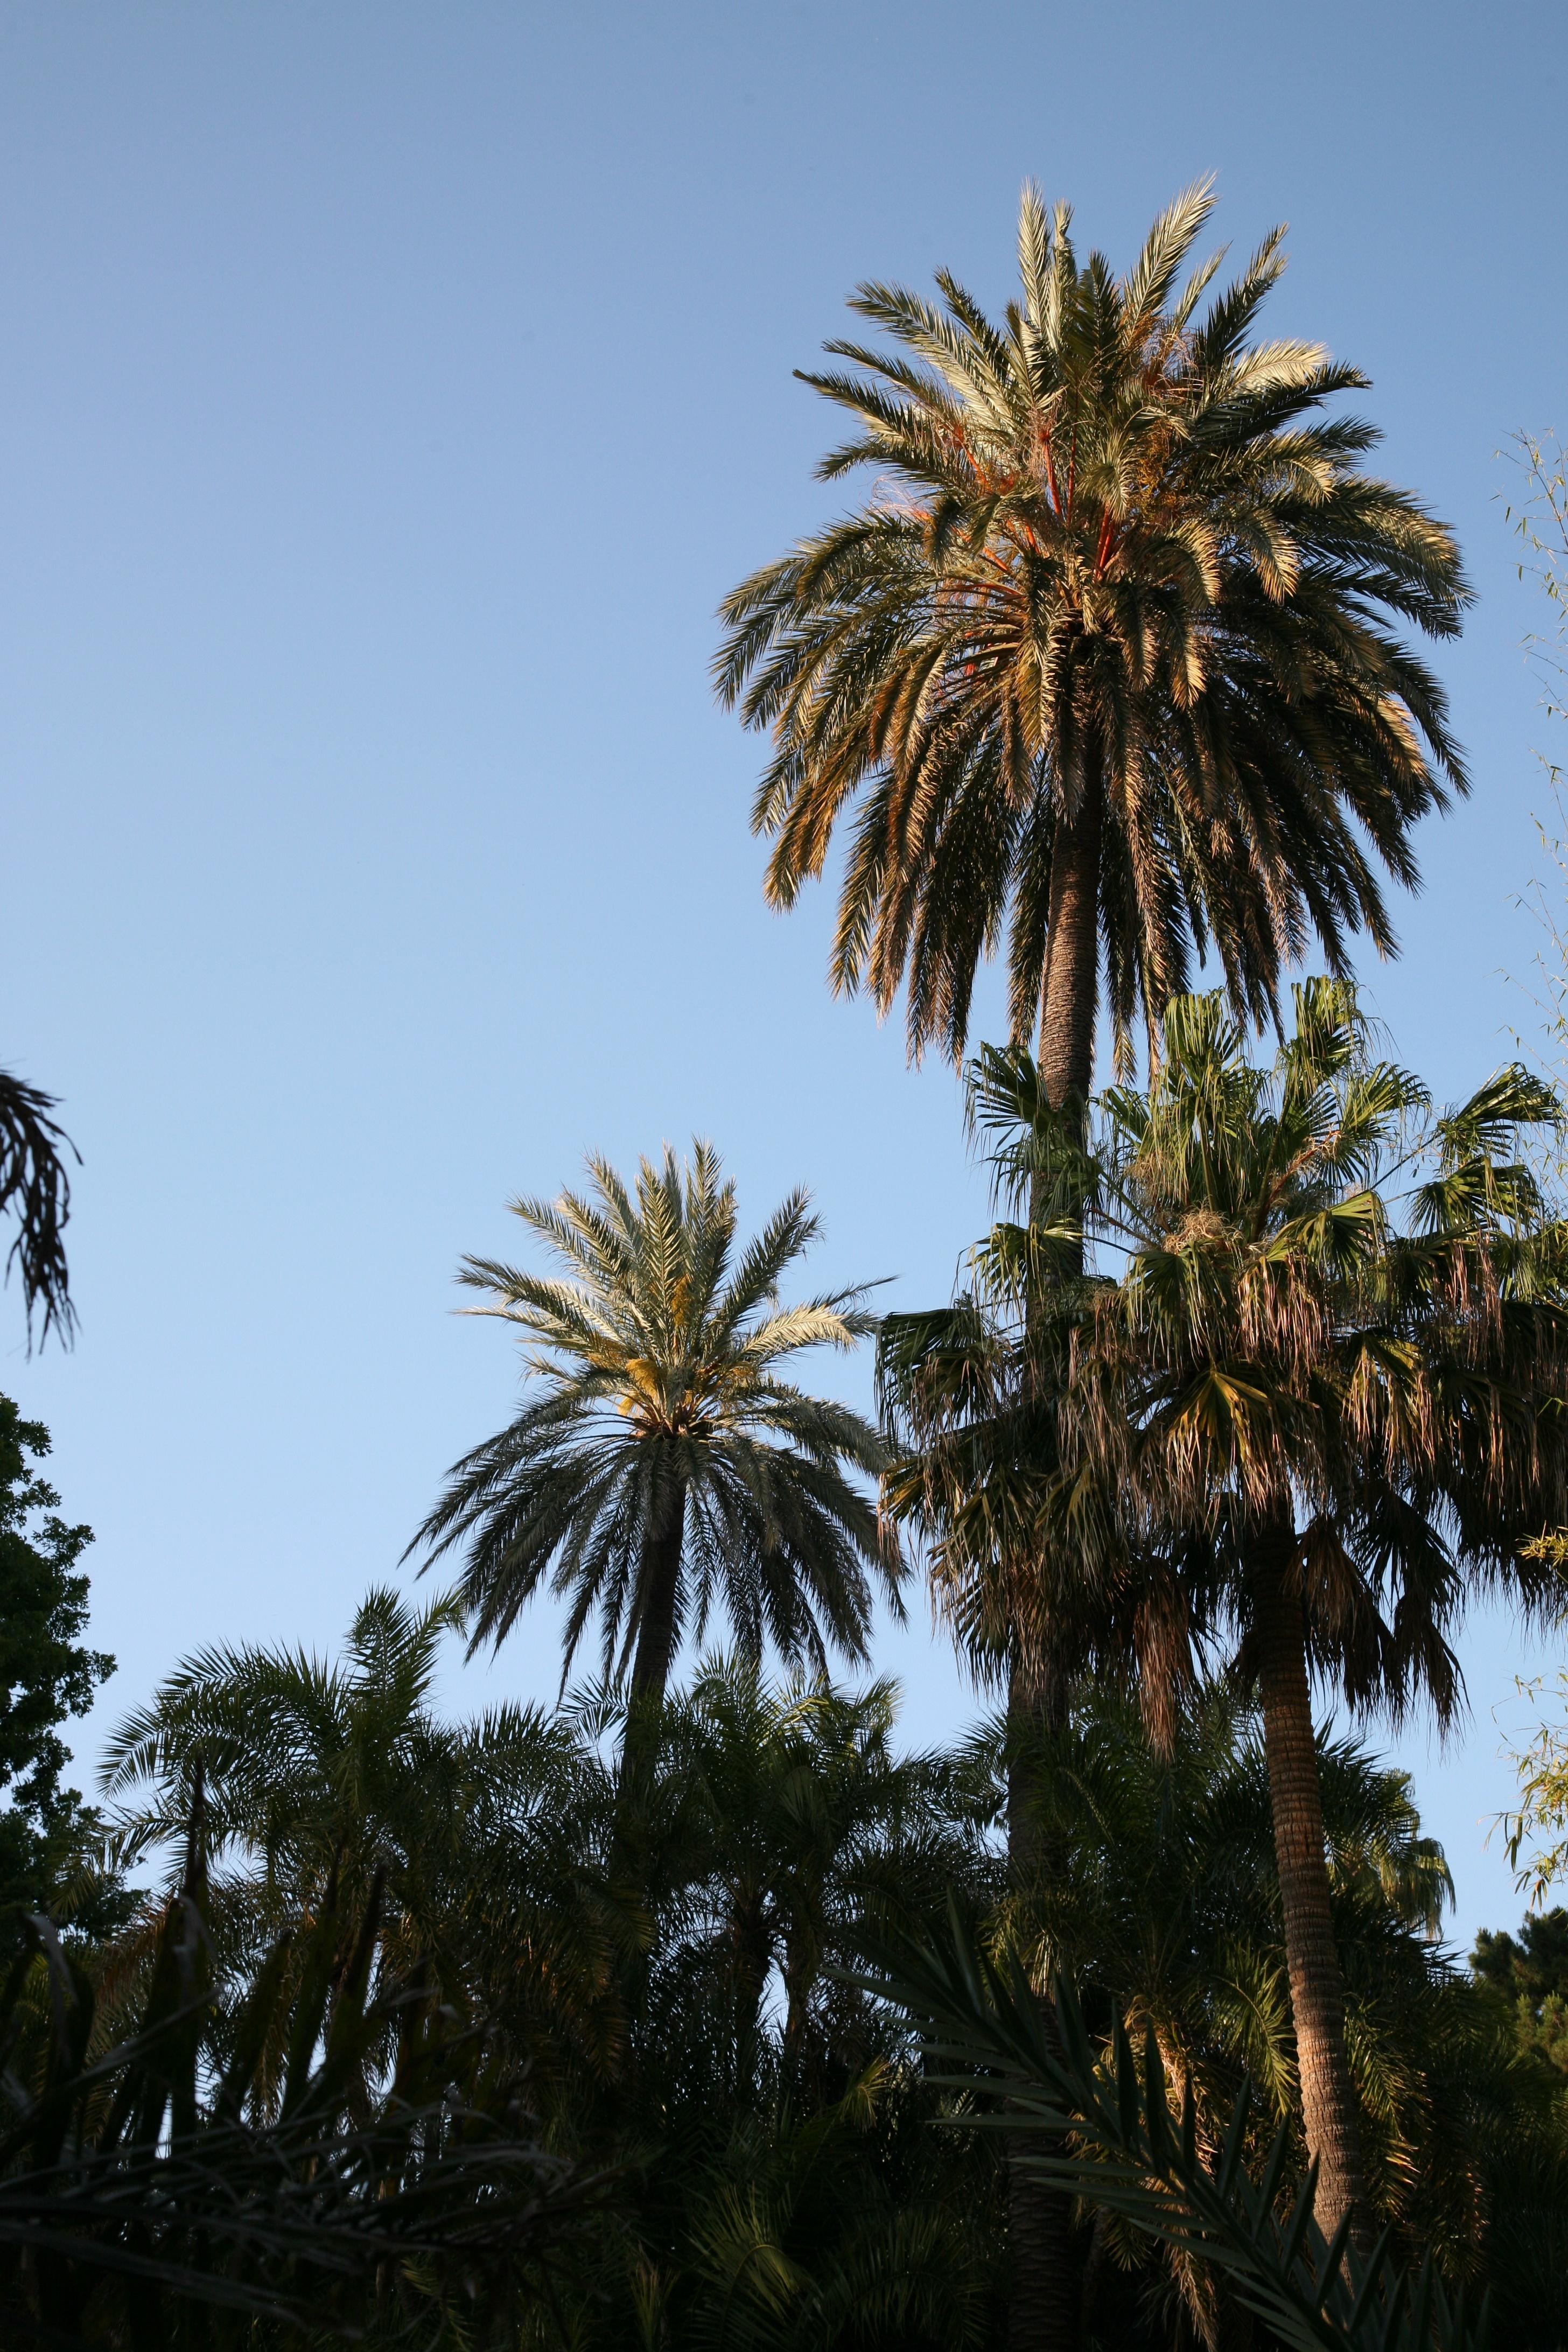 palmier espagne